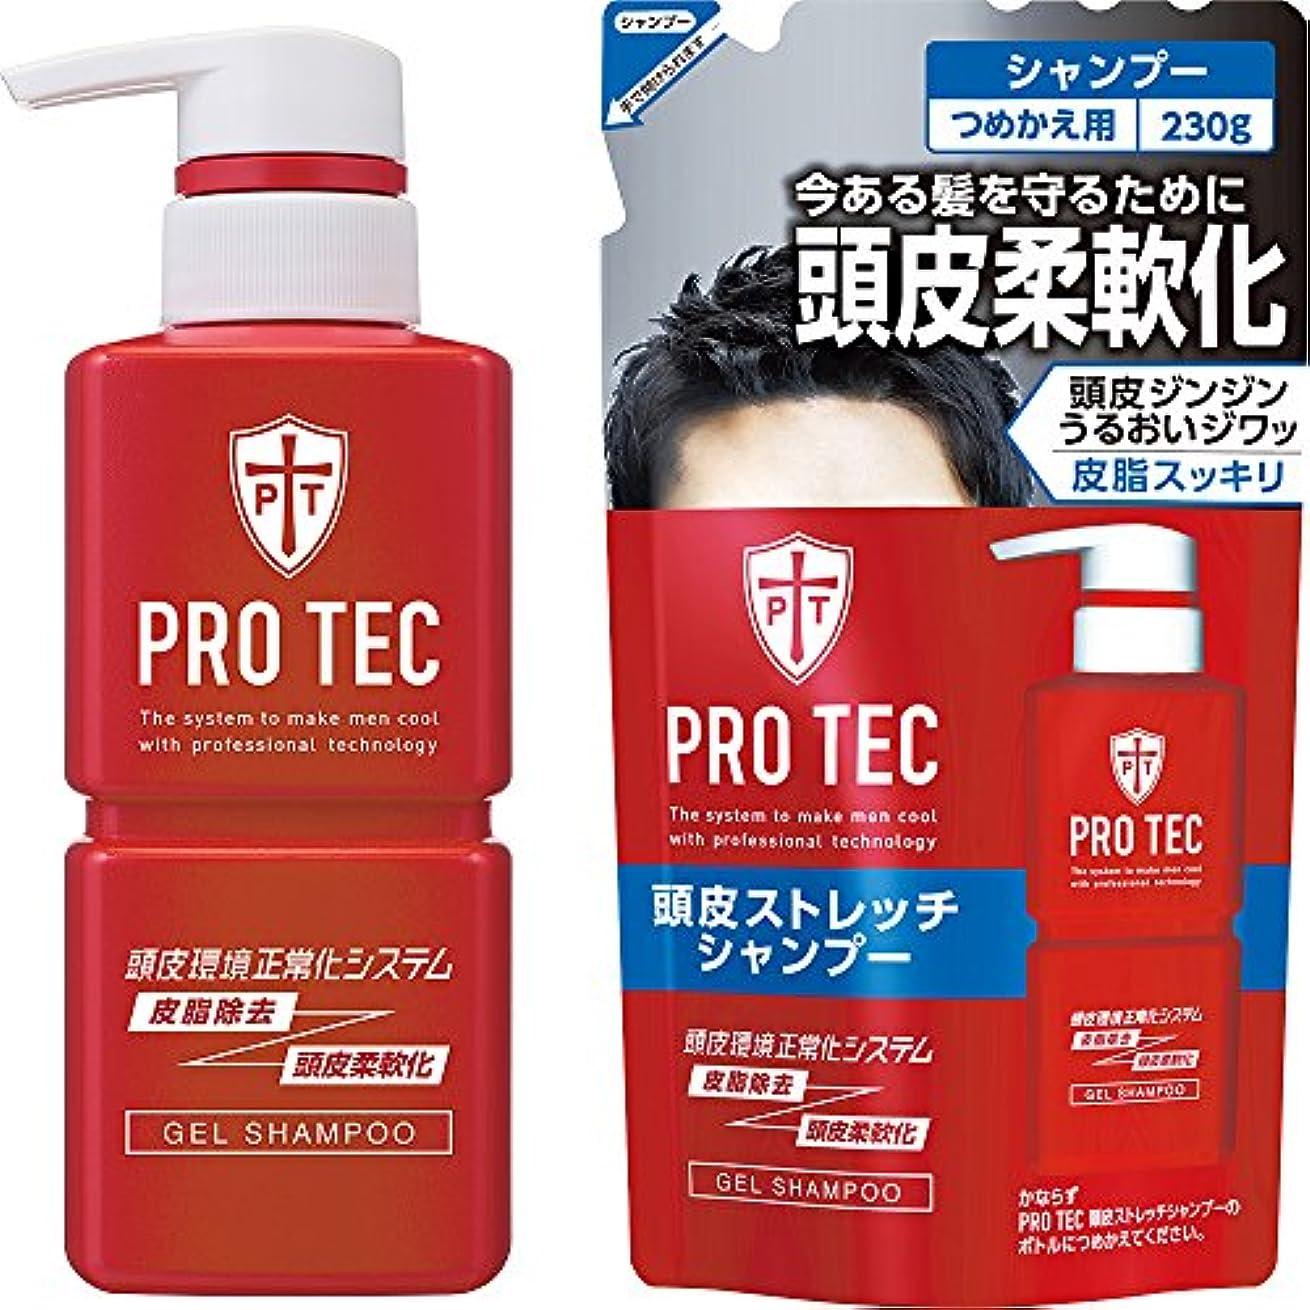 ドキドキビスケット投票PRO TEC(プロテク) 頭皮ストレッチシャンプー 本体ポンプ300g+詰め替え230g セット(医薬部外品)